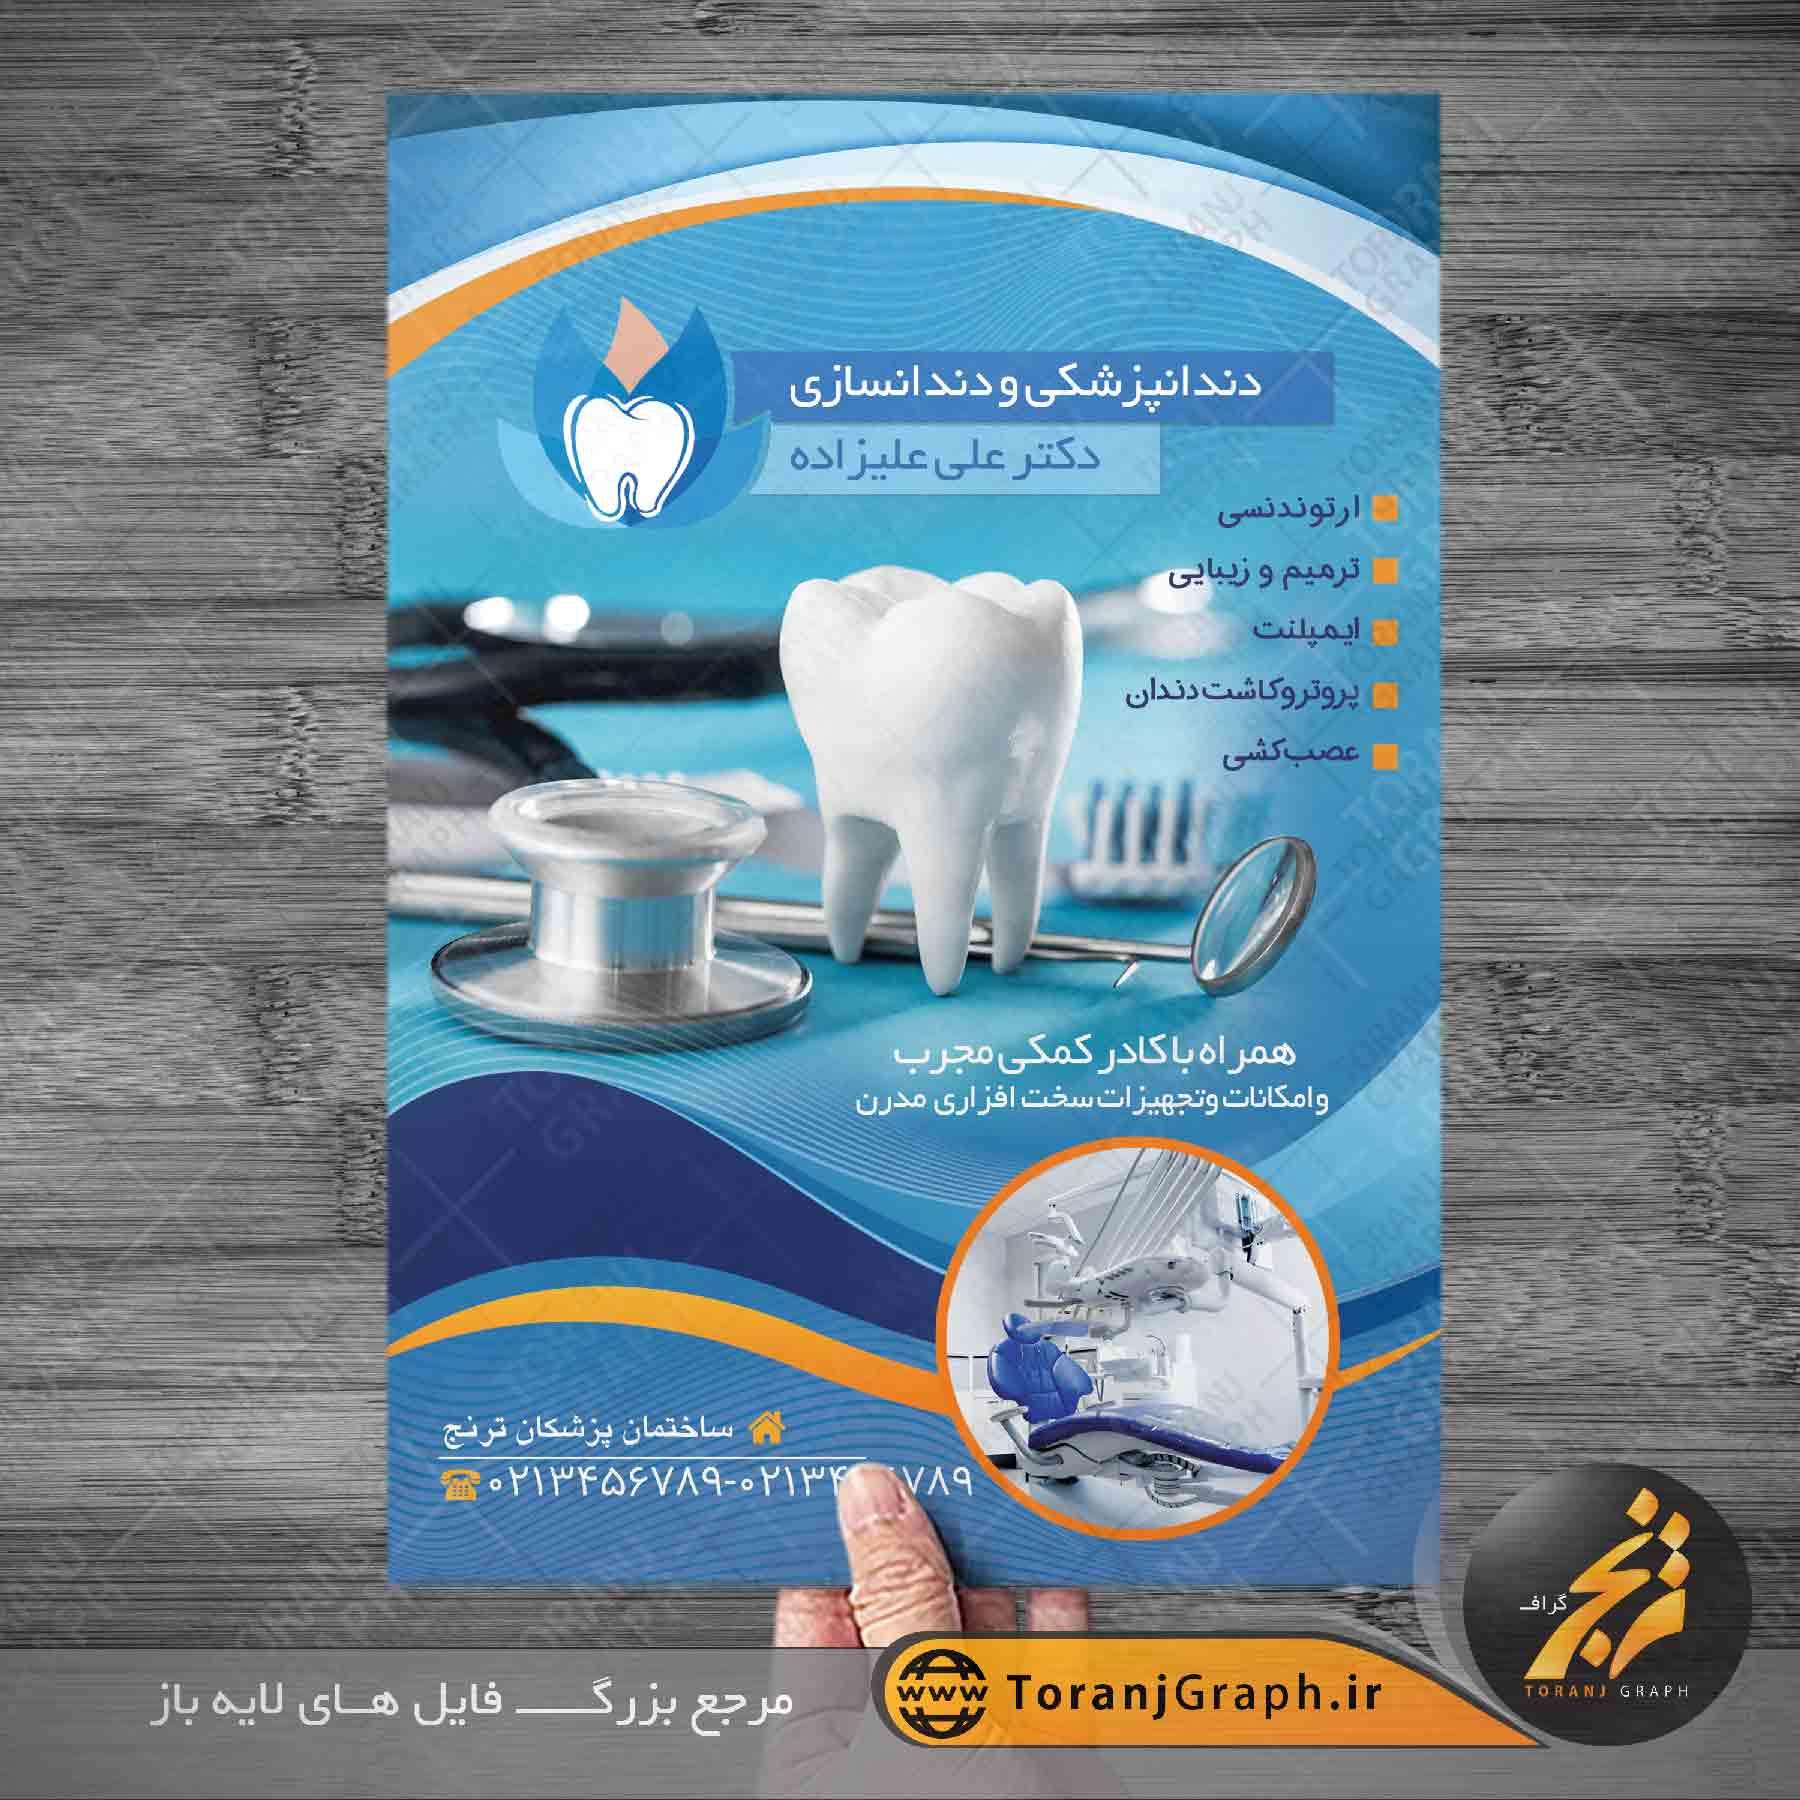 تراکت دندانپزشکی و دندانسازی